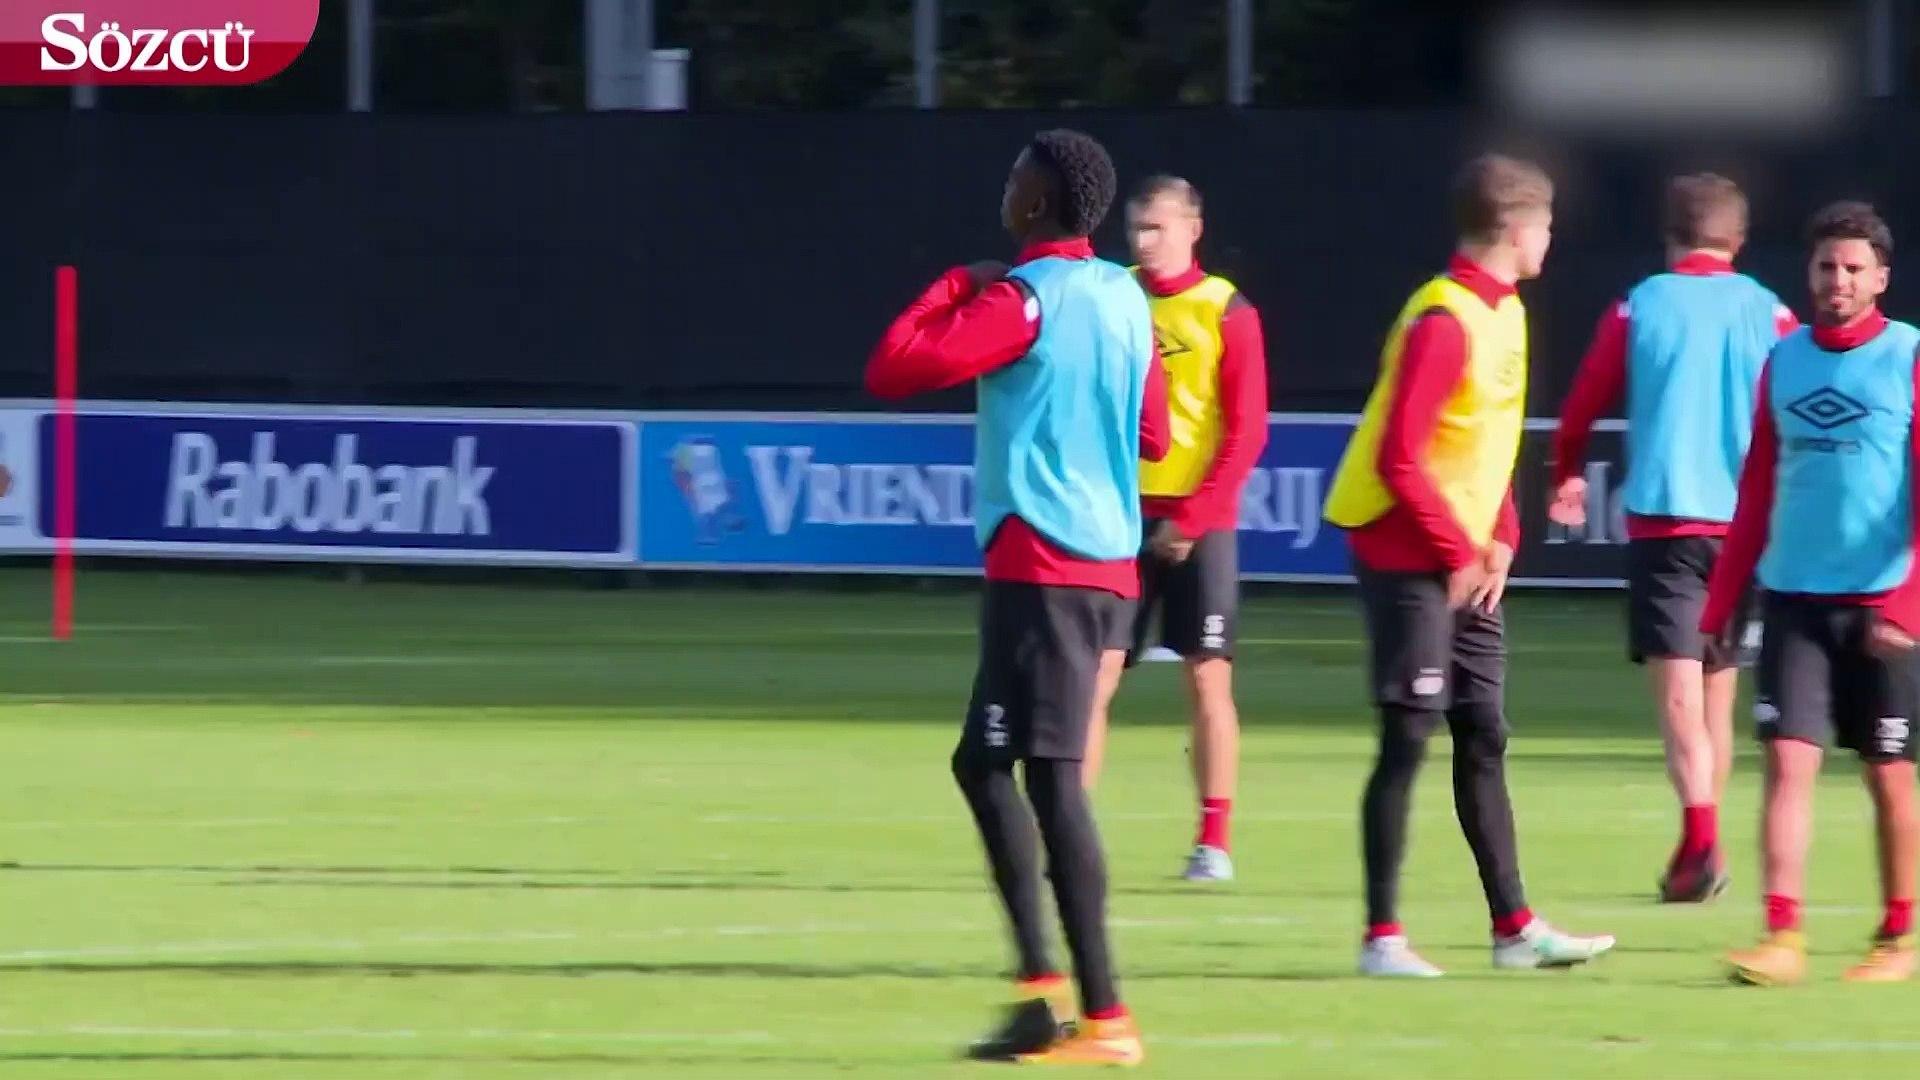 Cocu'nun Beşiktaş'ın yeni transferi Mirin'e tenis topu ile antrenmanı